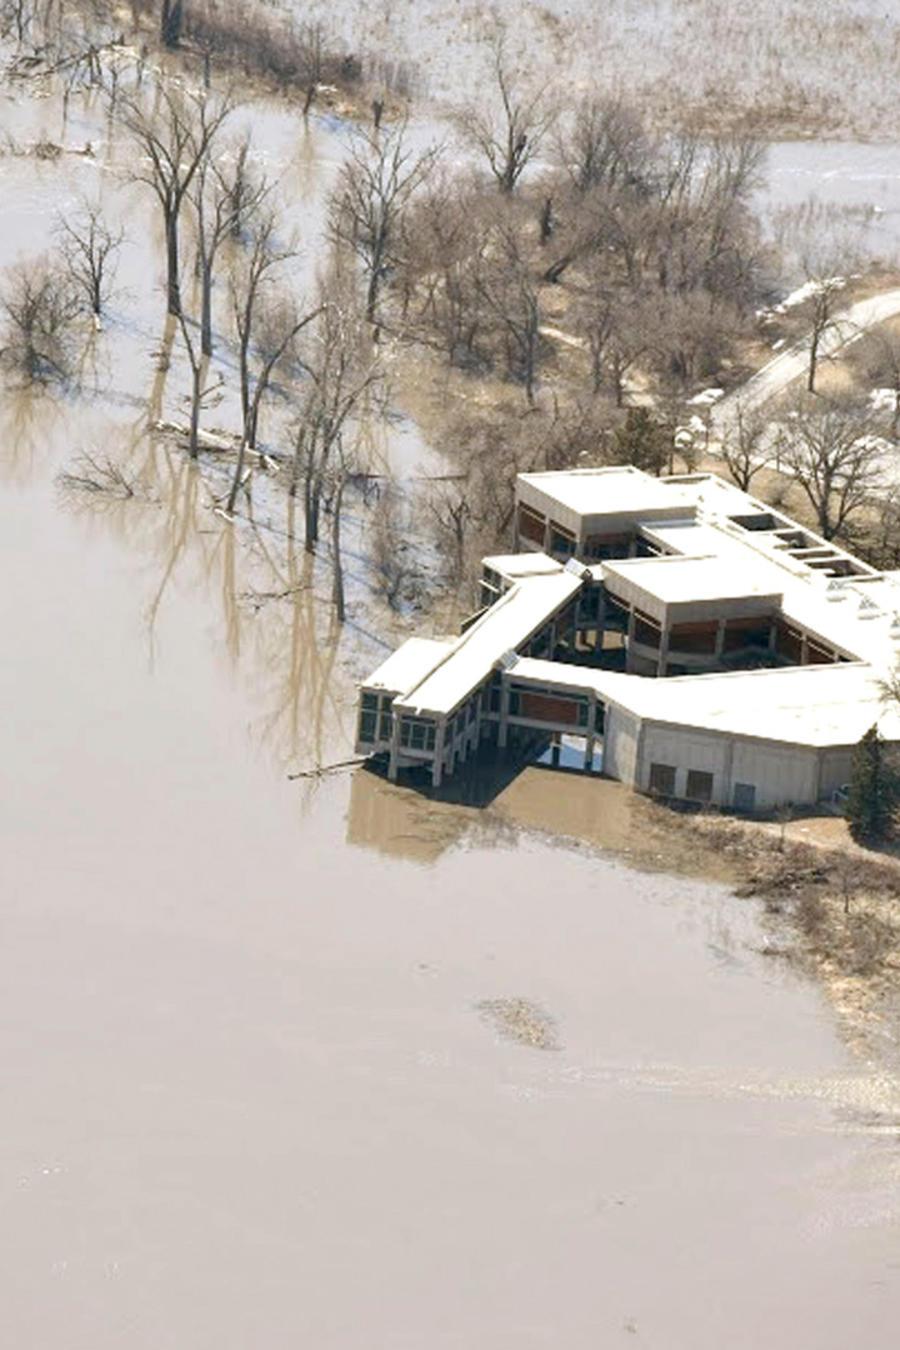 Inundaciones en Nebraska por el deshielo provocado por temperaturas cálidas